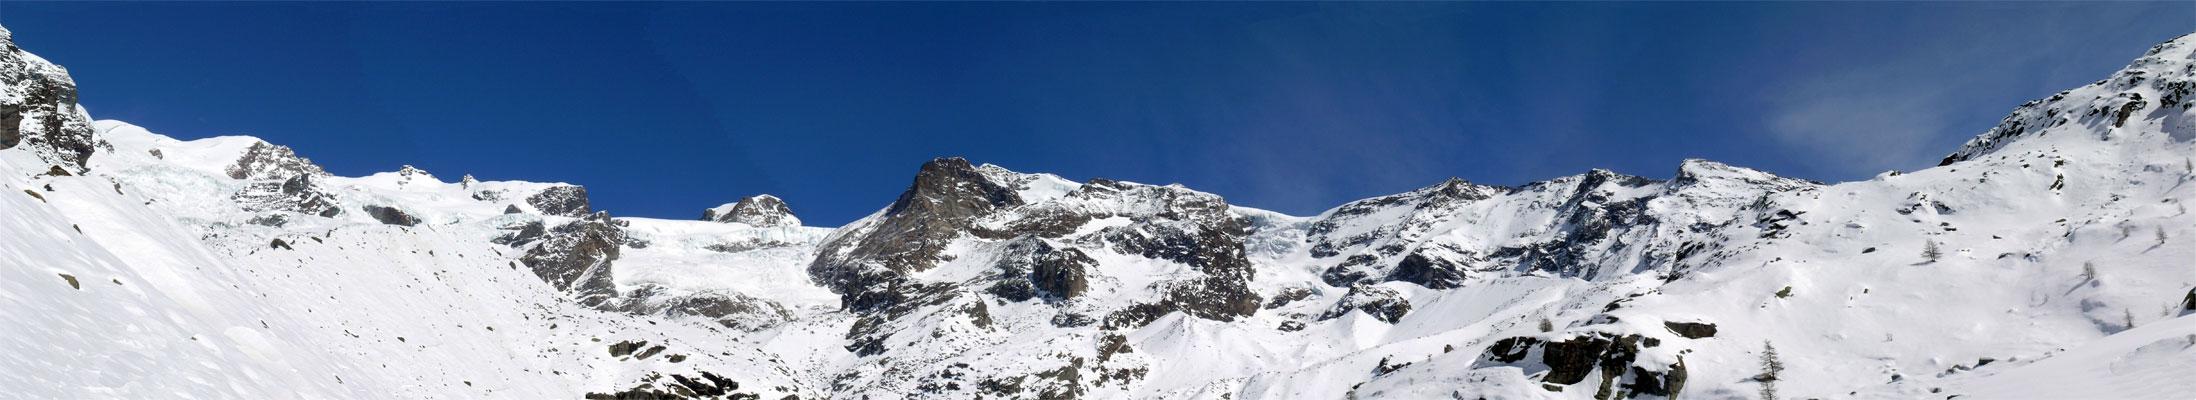 Zainoinspalla i panorami in montagna for Piani di montagna moderni